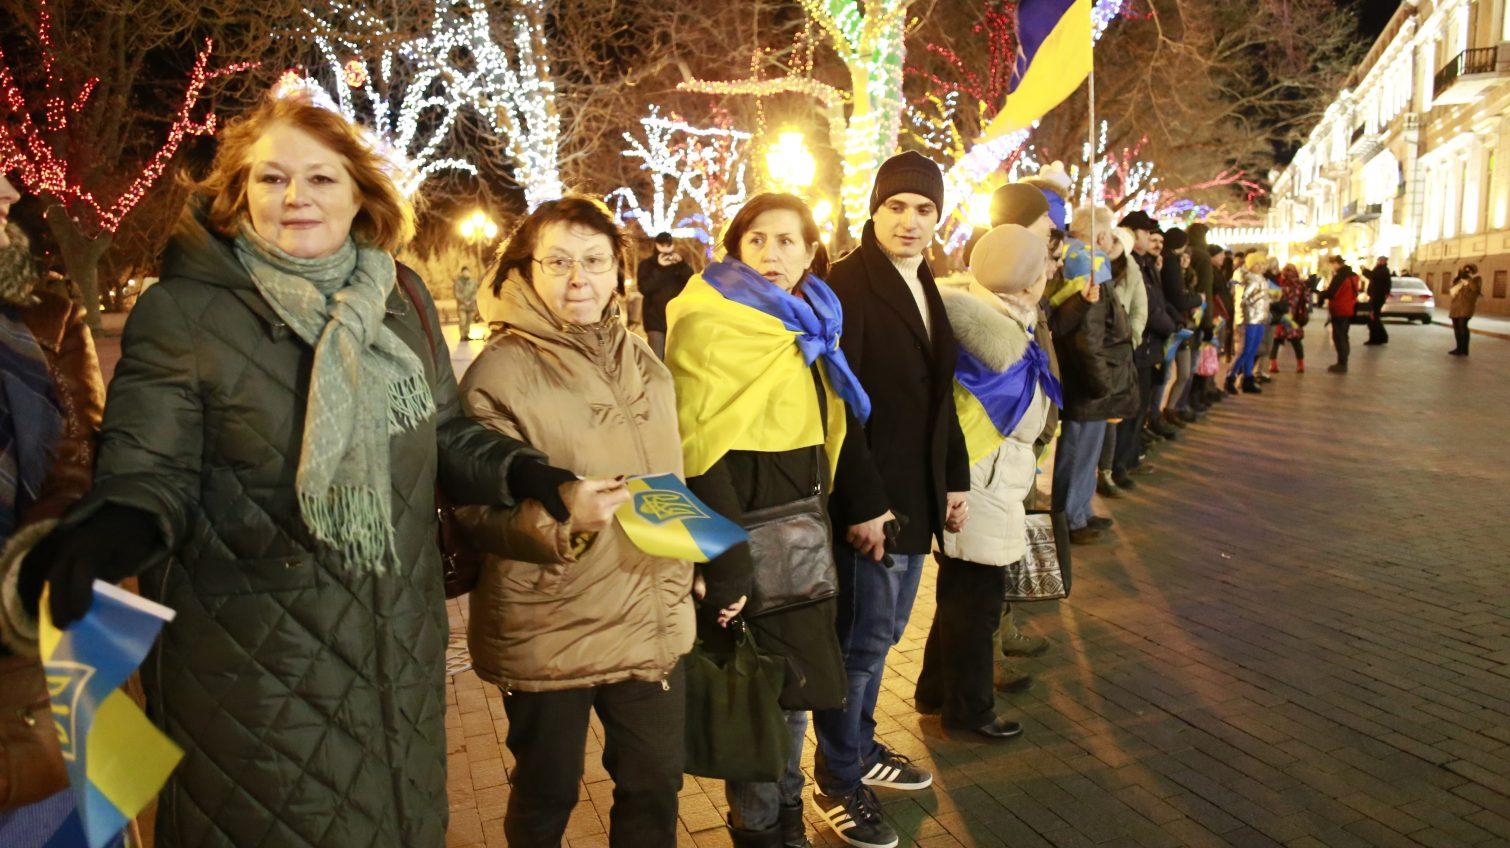 Цветы к памятнику Кобзарю, молитвы и пожелания Украине: как в Одессе отметили День соборности (фоторепортаж, видео) «фото»